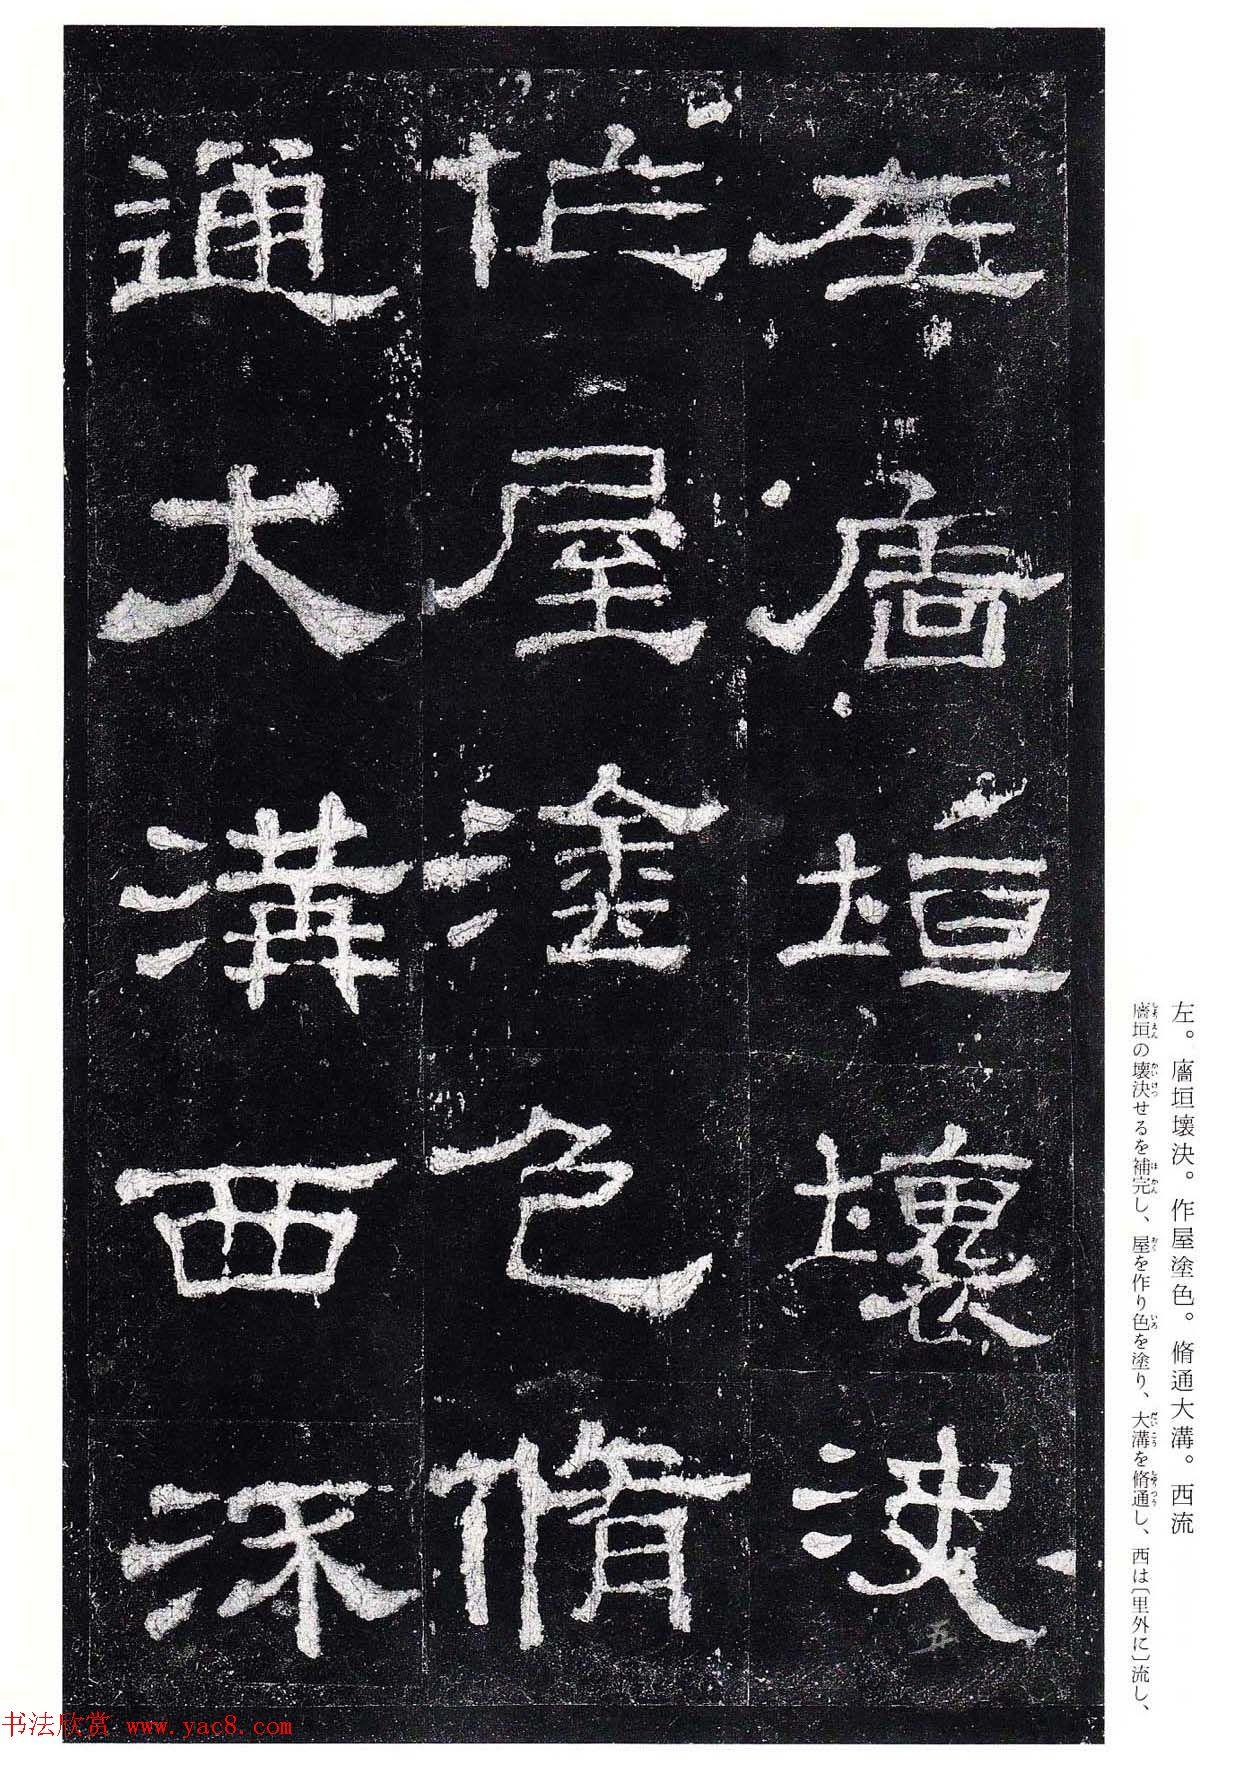 高清隸書欣賞:著名漢碑《史晨后碑》 - 第11頁 隸書字帖書法欣賞